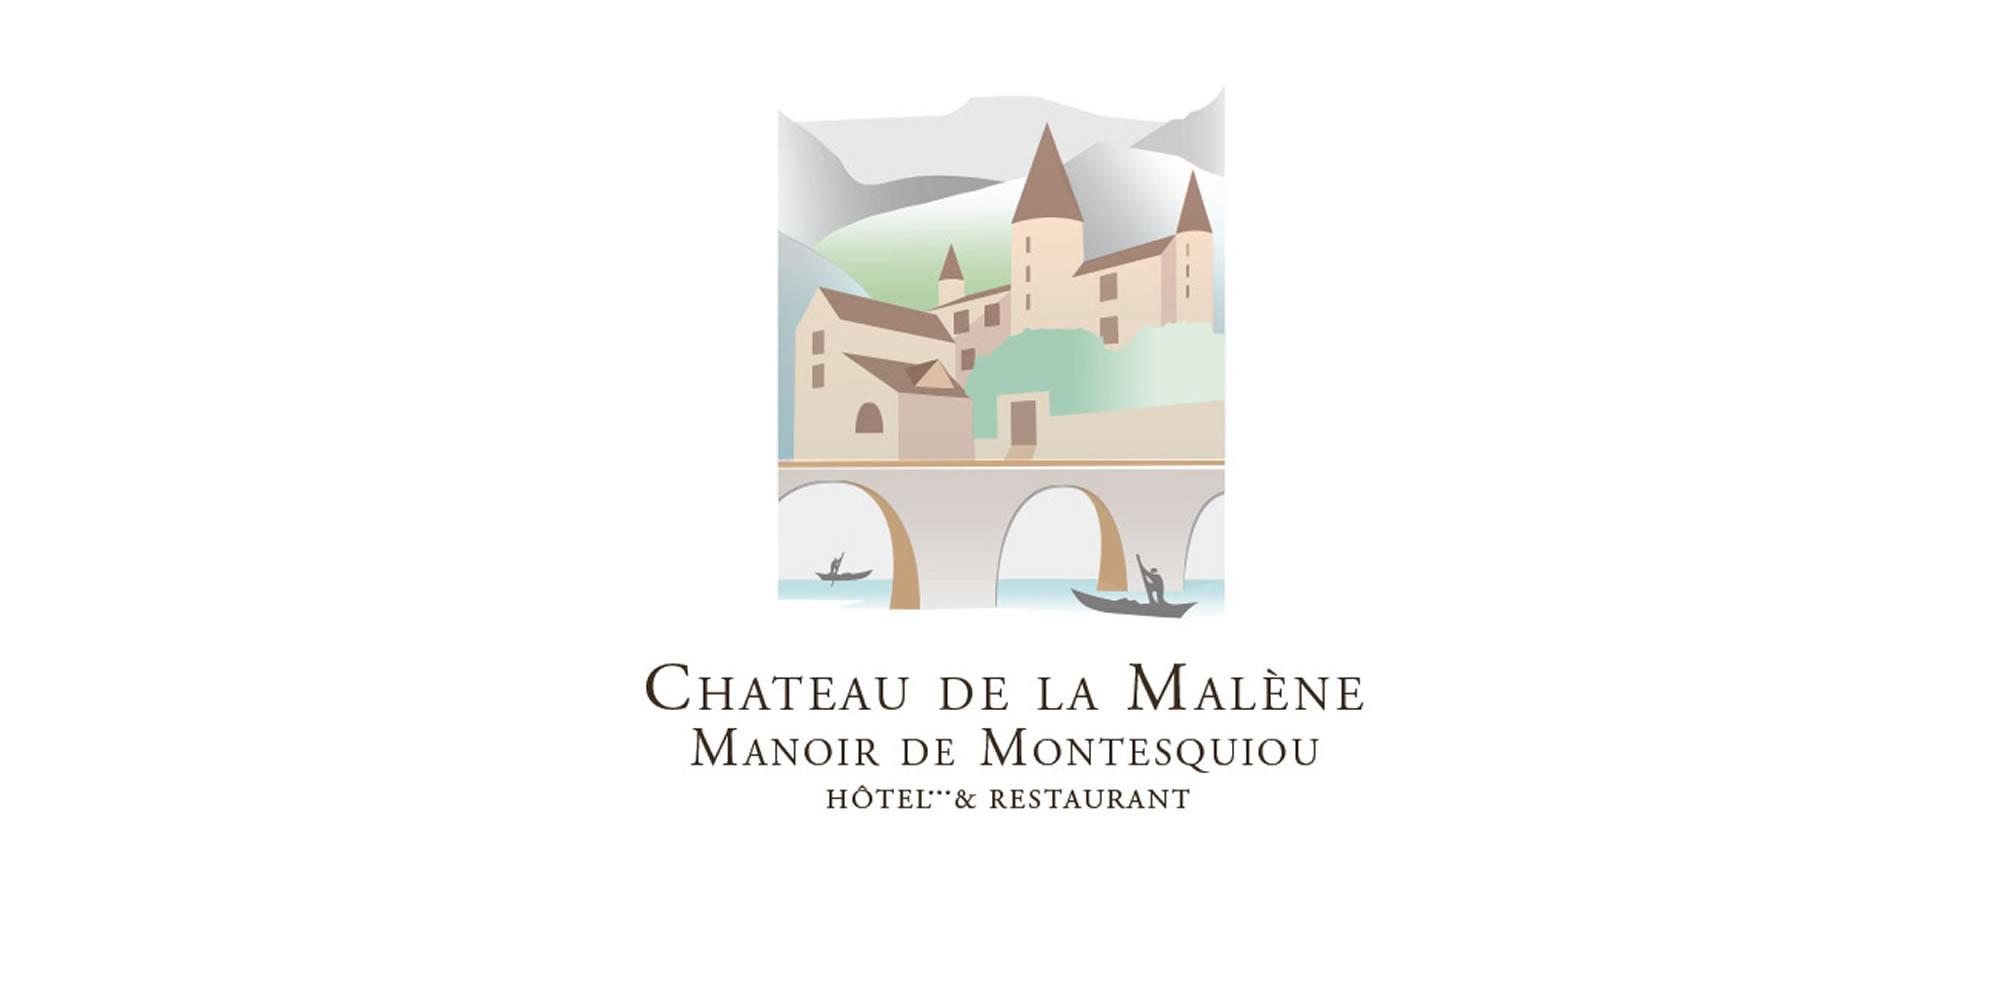 Le Manoir de Montesquiou